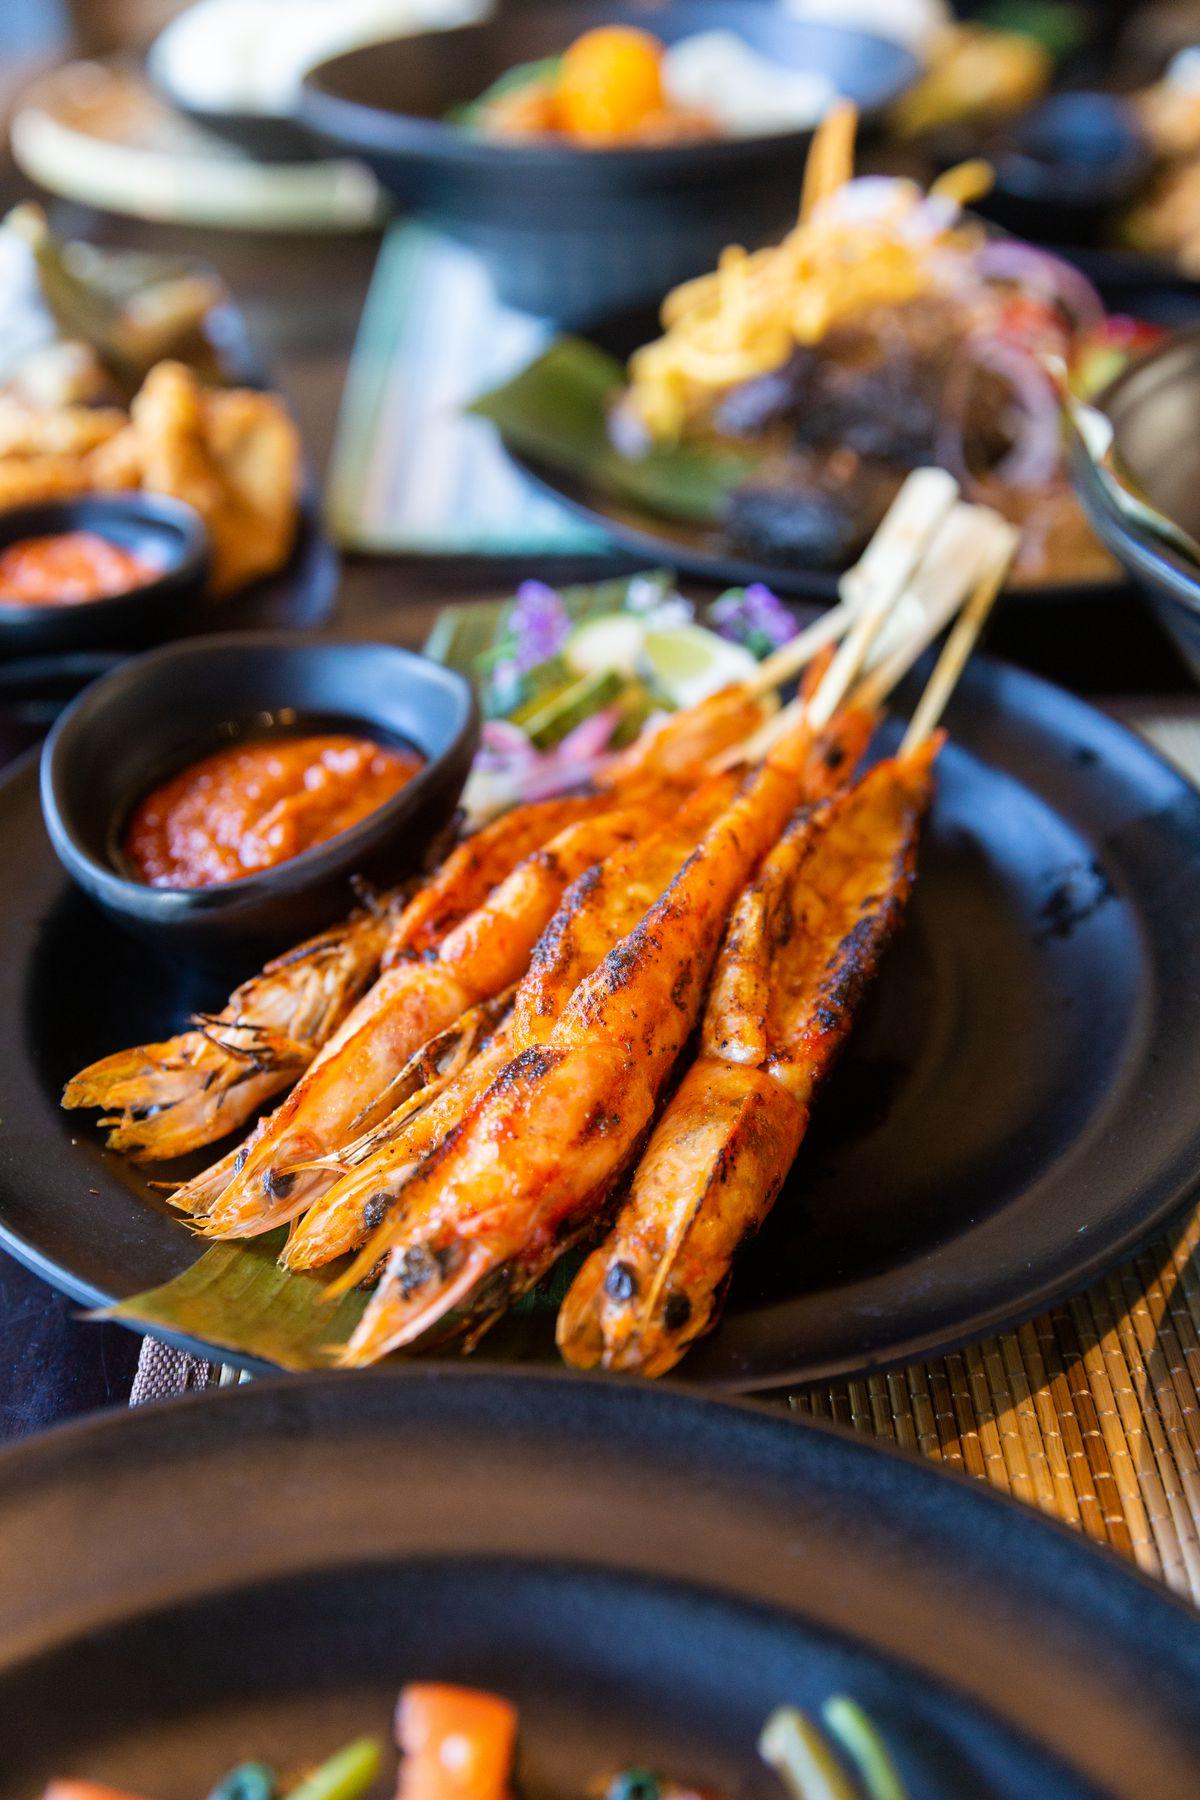 Head on gulf shrimp, garlic, soy, and chili